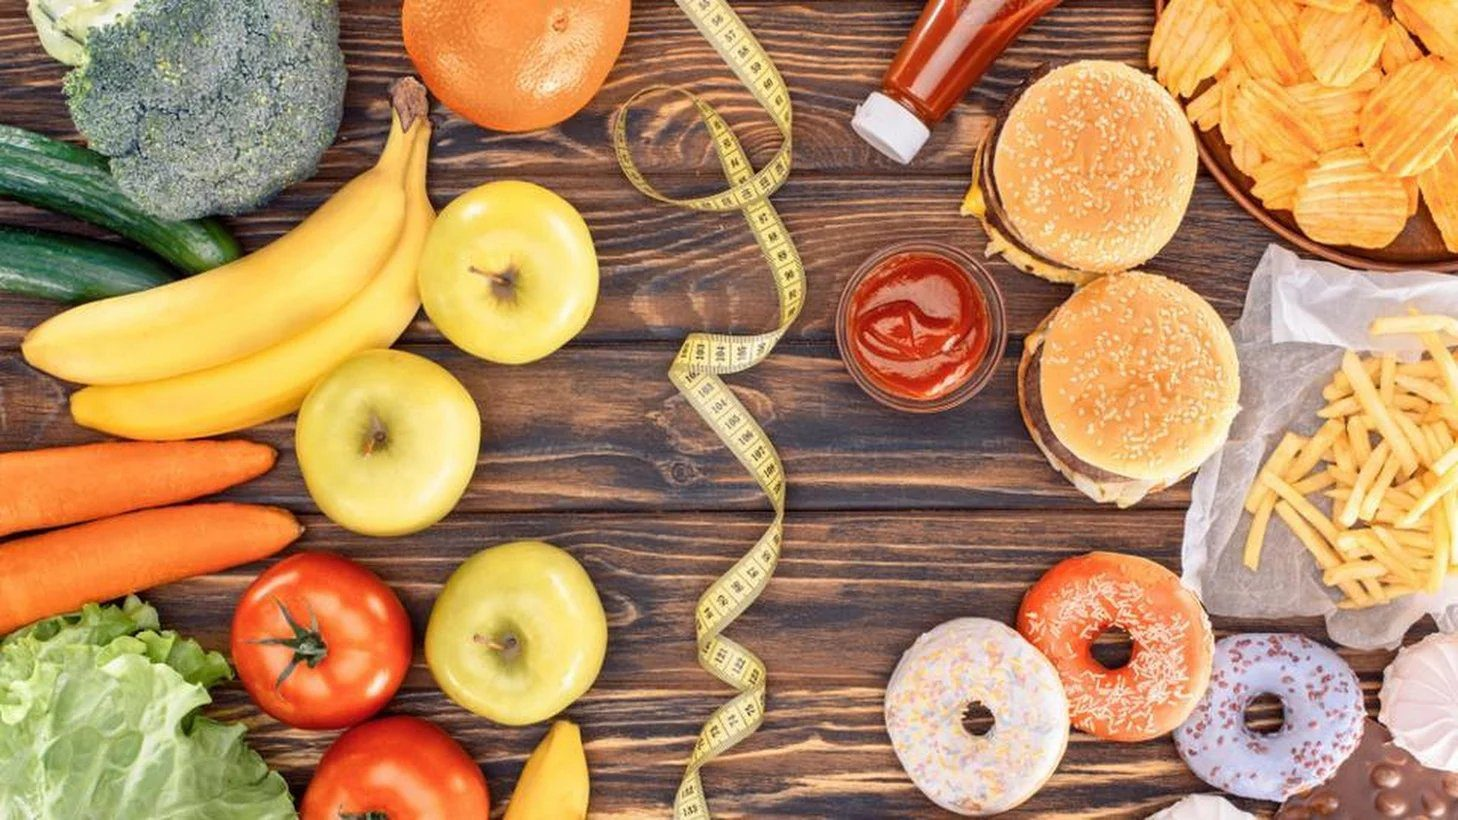 Neurología funcional: alimentos para comer y evitar con hipertiroidismo | Quiropráctico en El Paso, TX